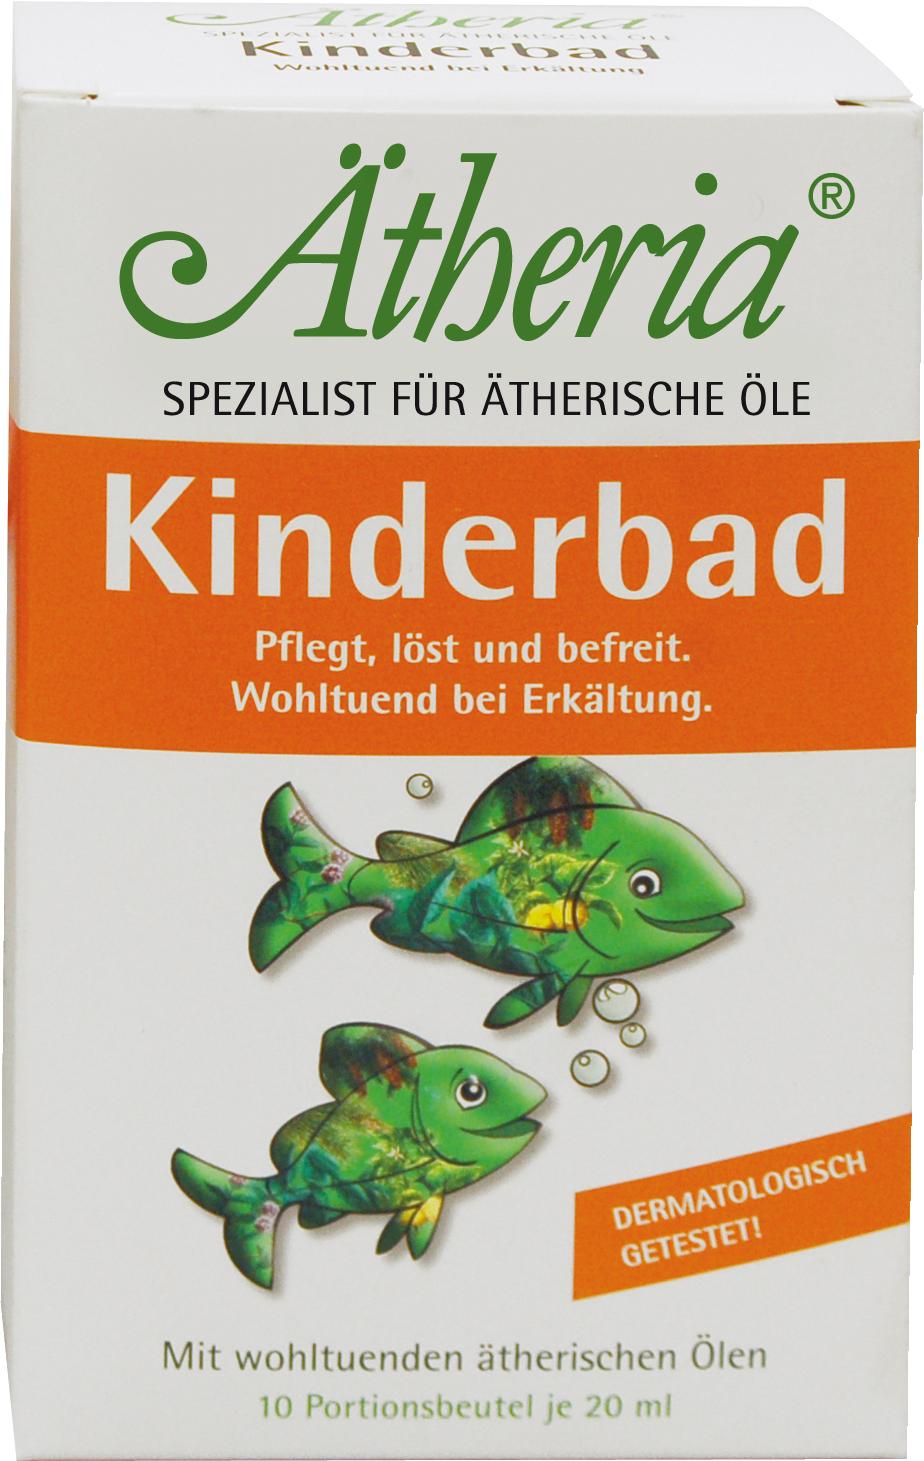 Ätheria Kinderbad